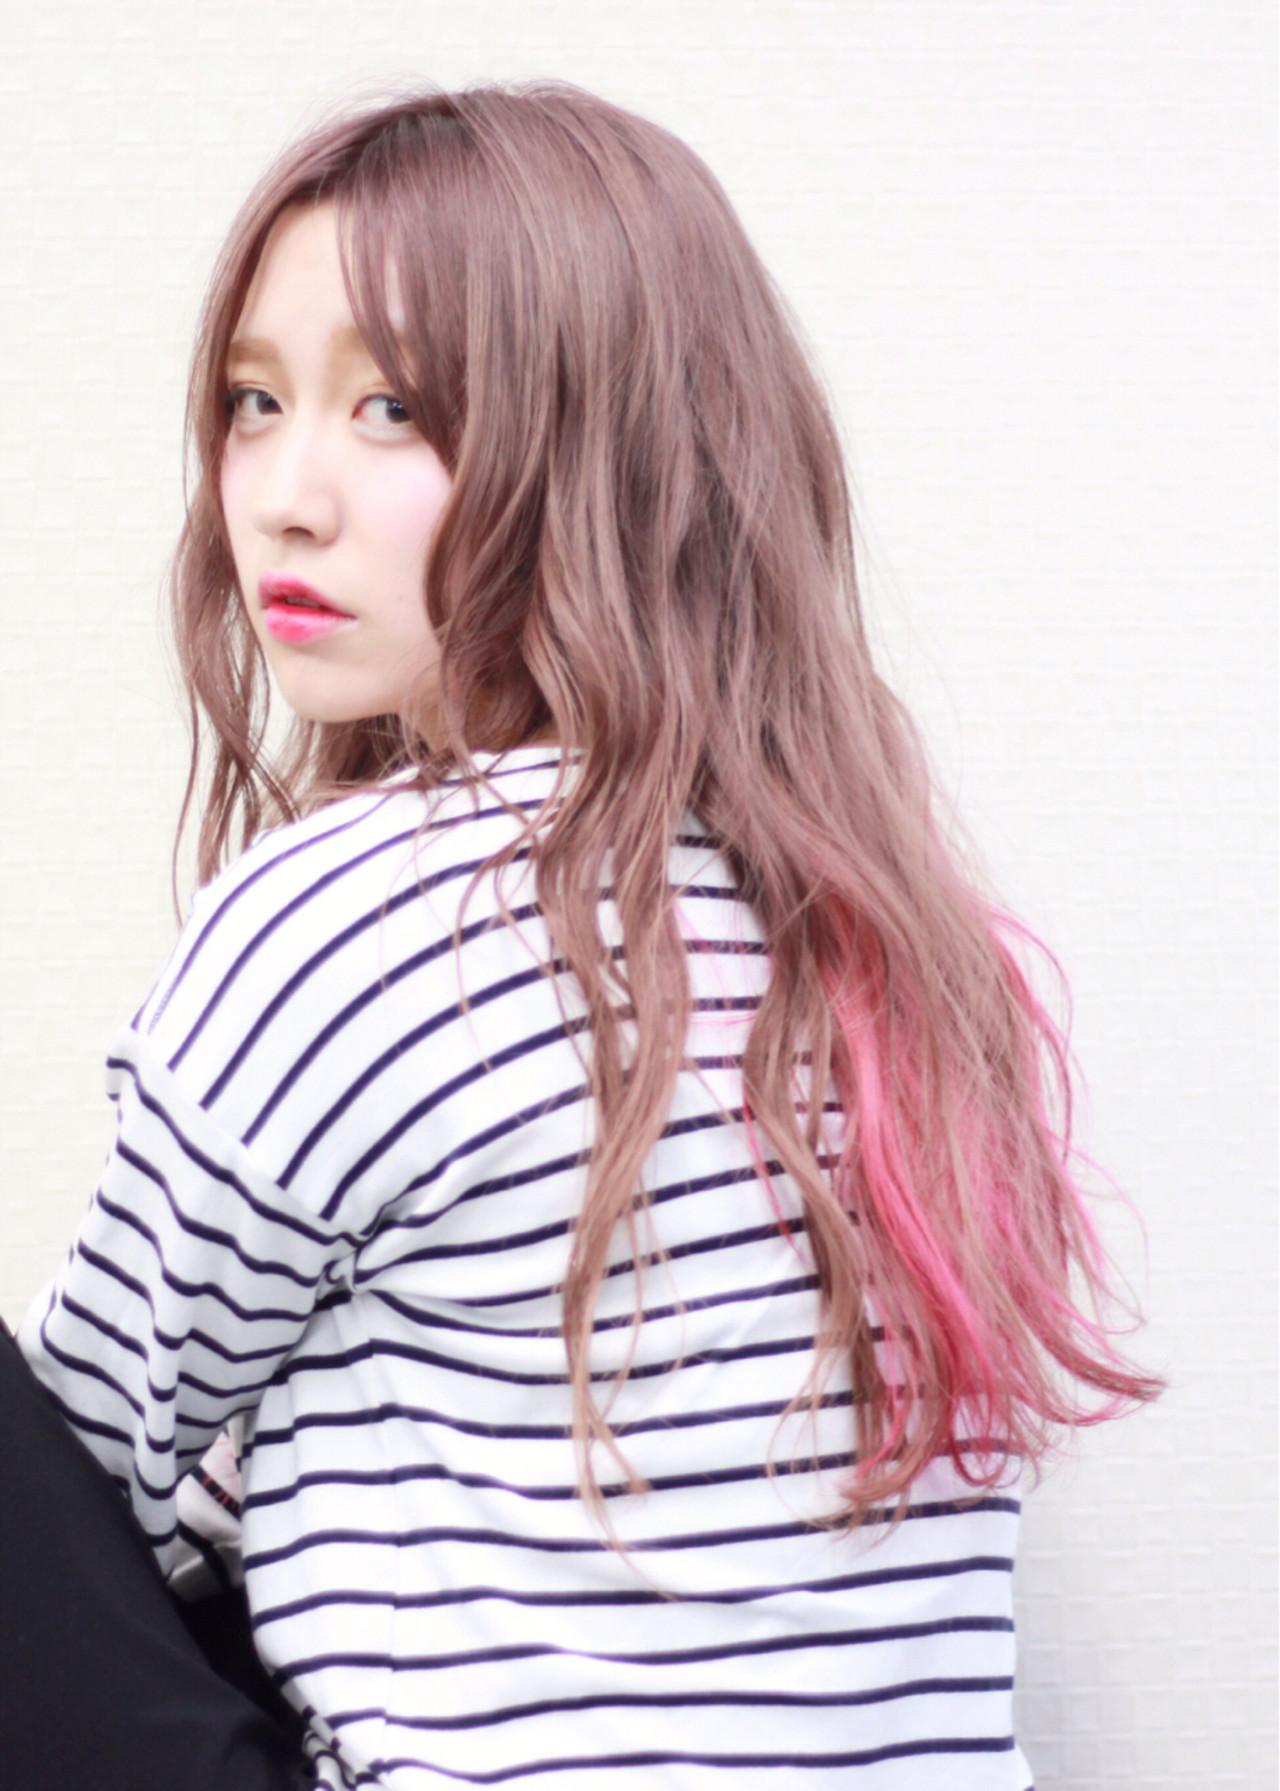 インナーカラー ピンクアッシュ ピンク グラデーションカラー ヘアスタイルや髪型の写真・画像